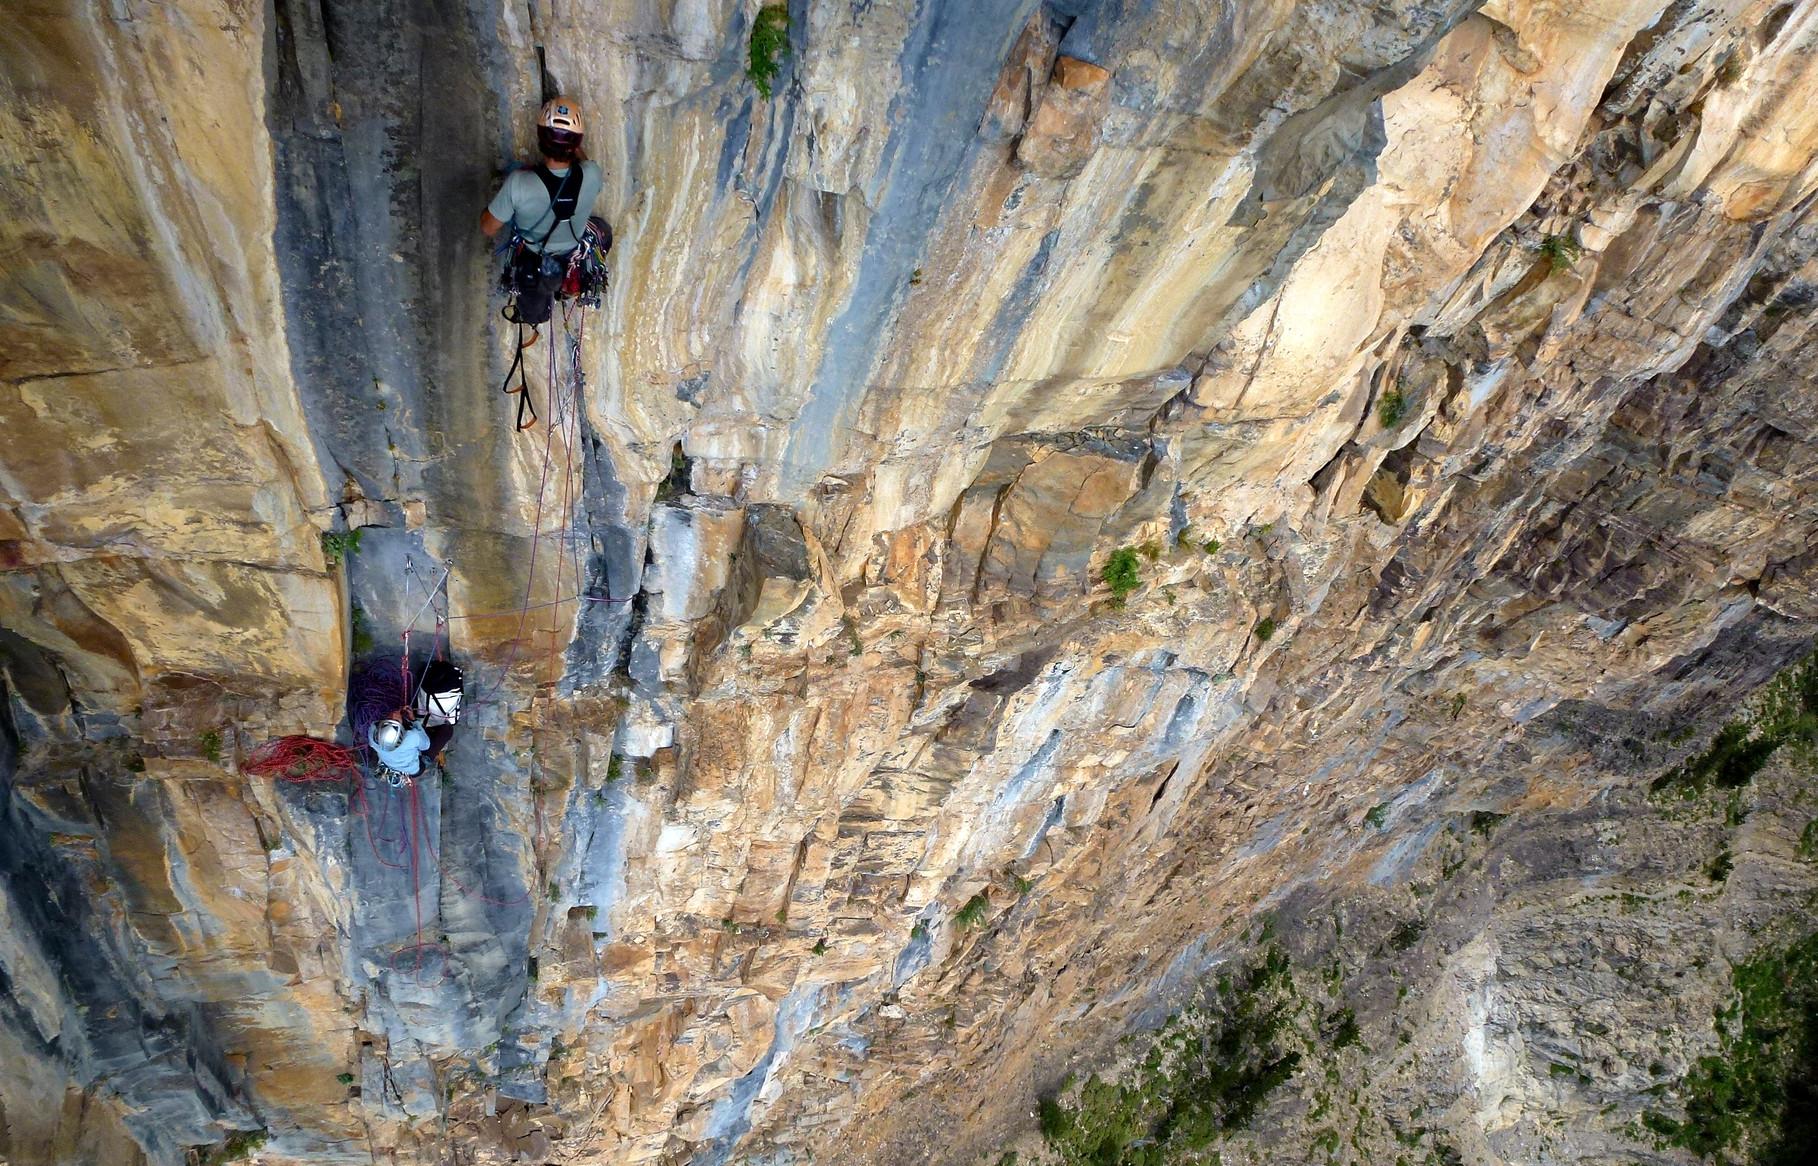 Voyage vertical / Vertical journey, Ordesa, Pyrenees